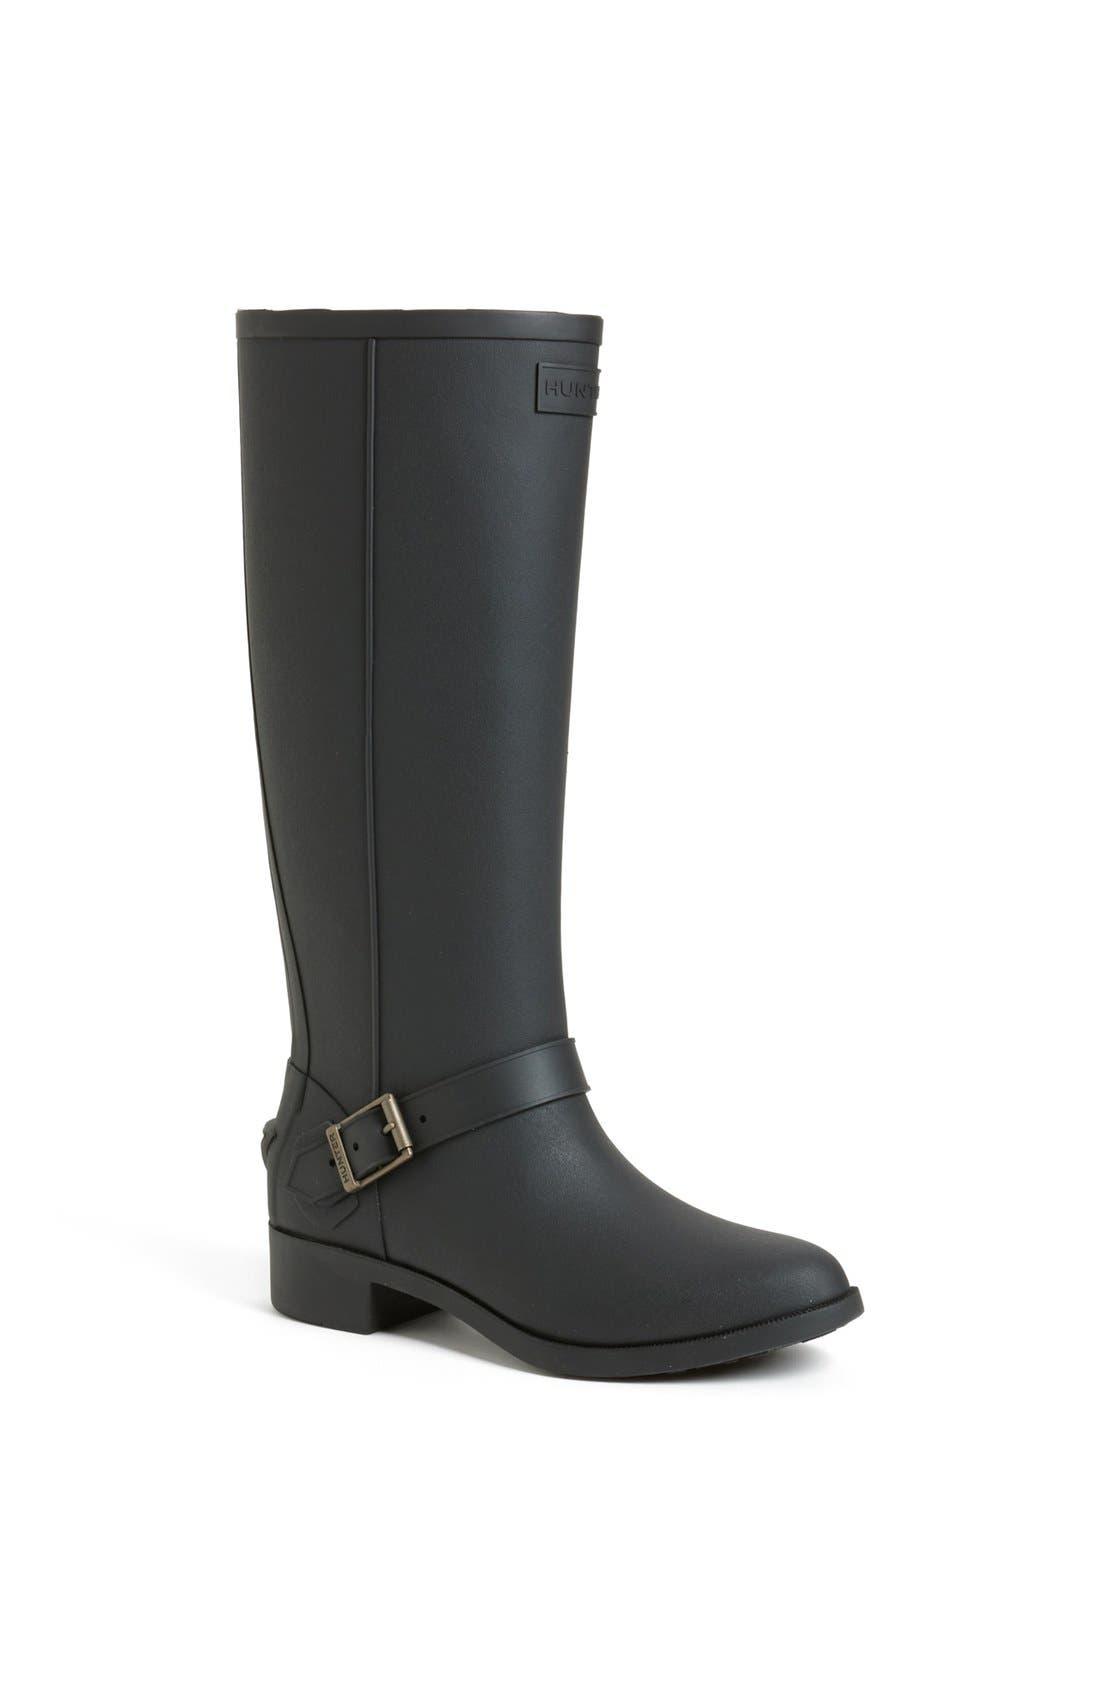 Alternate Image 1 Selected - Hunter 'Belsize Mercer' Rain Boot